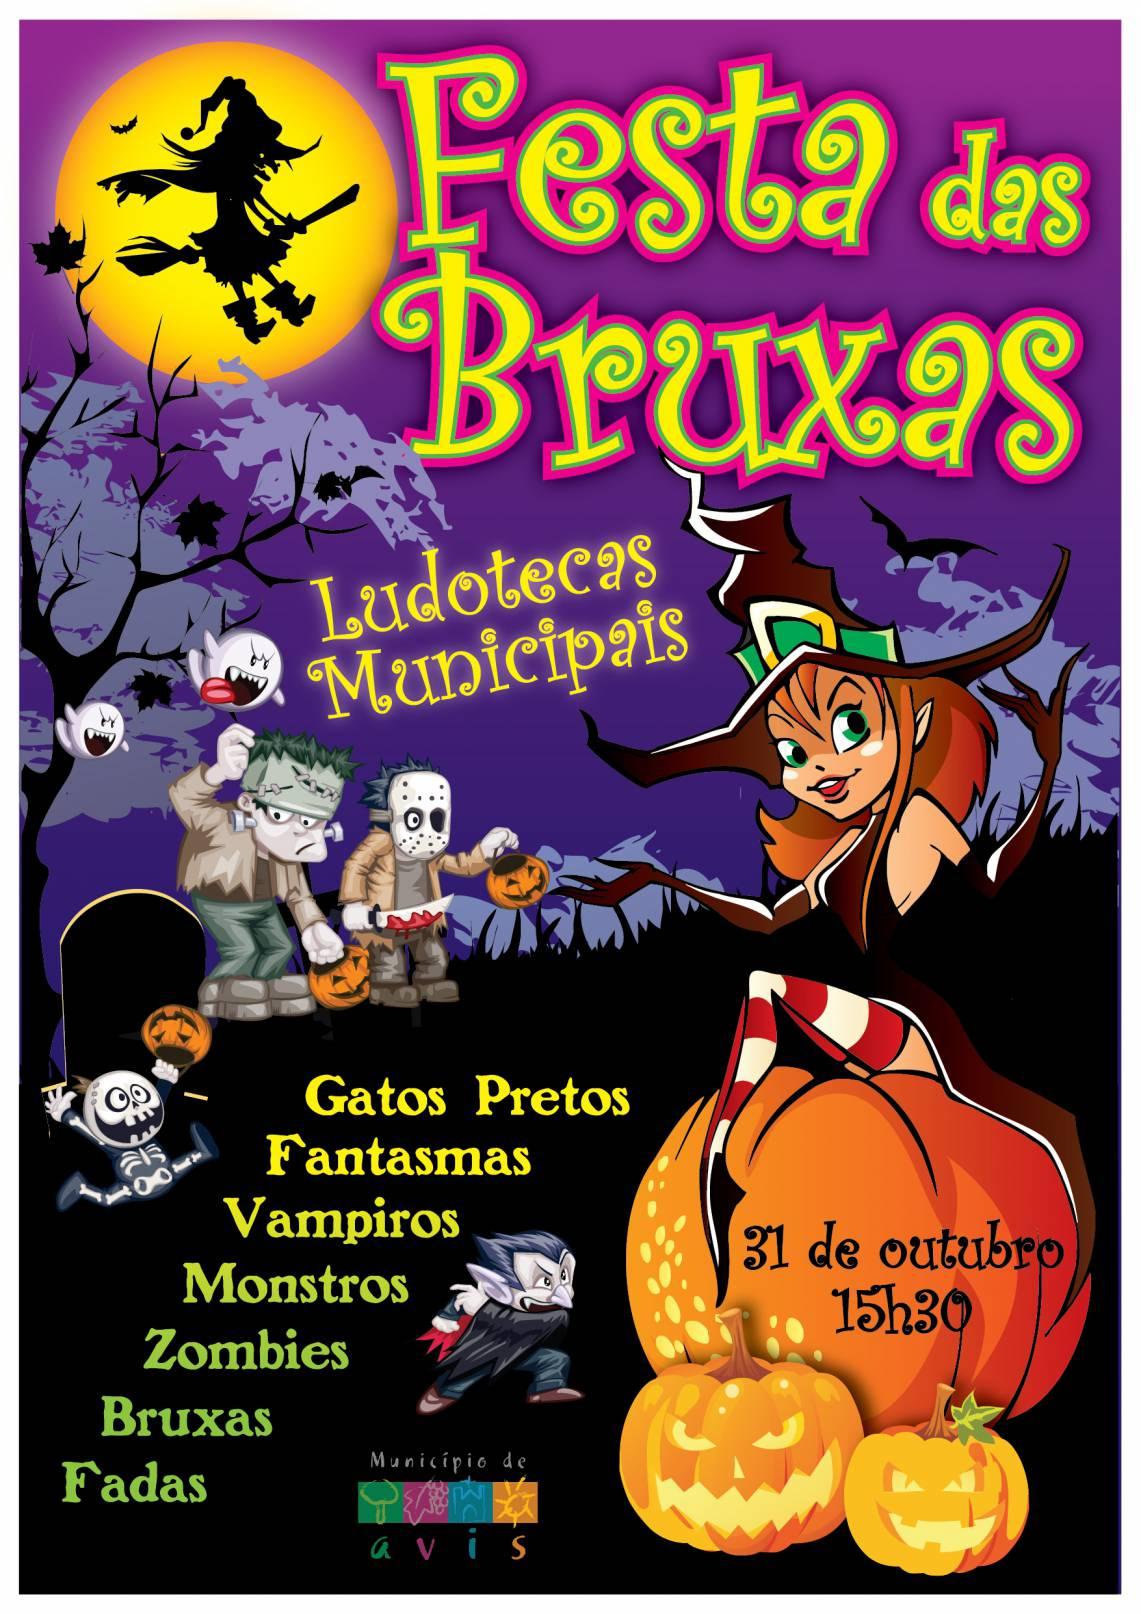 Ludotecas Municipais Celebram O Halloween Com A Festa Das Bruxas